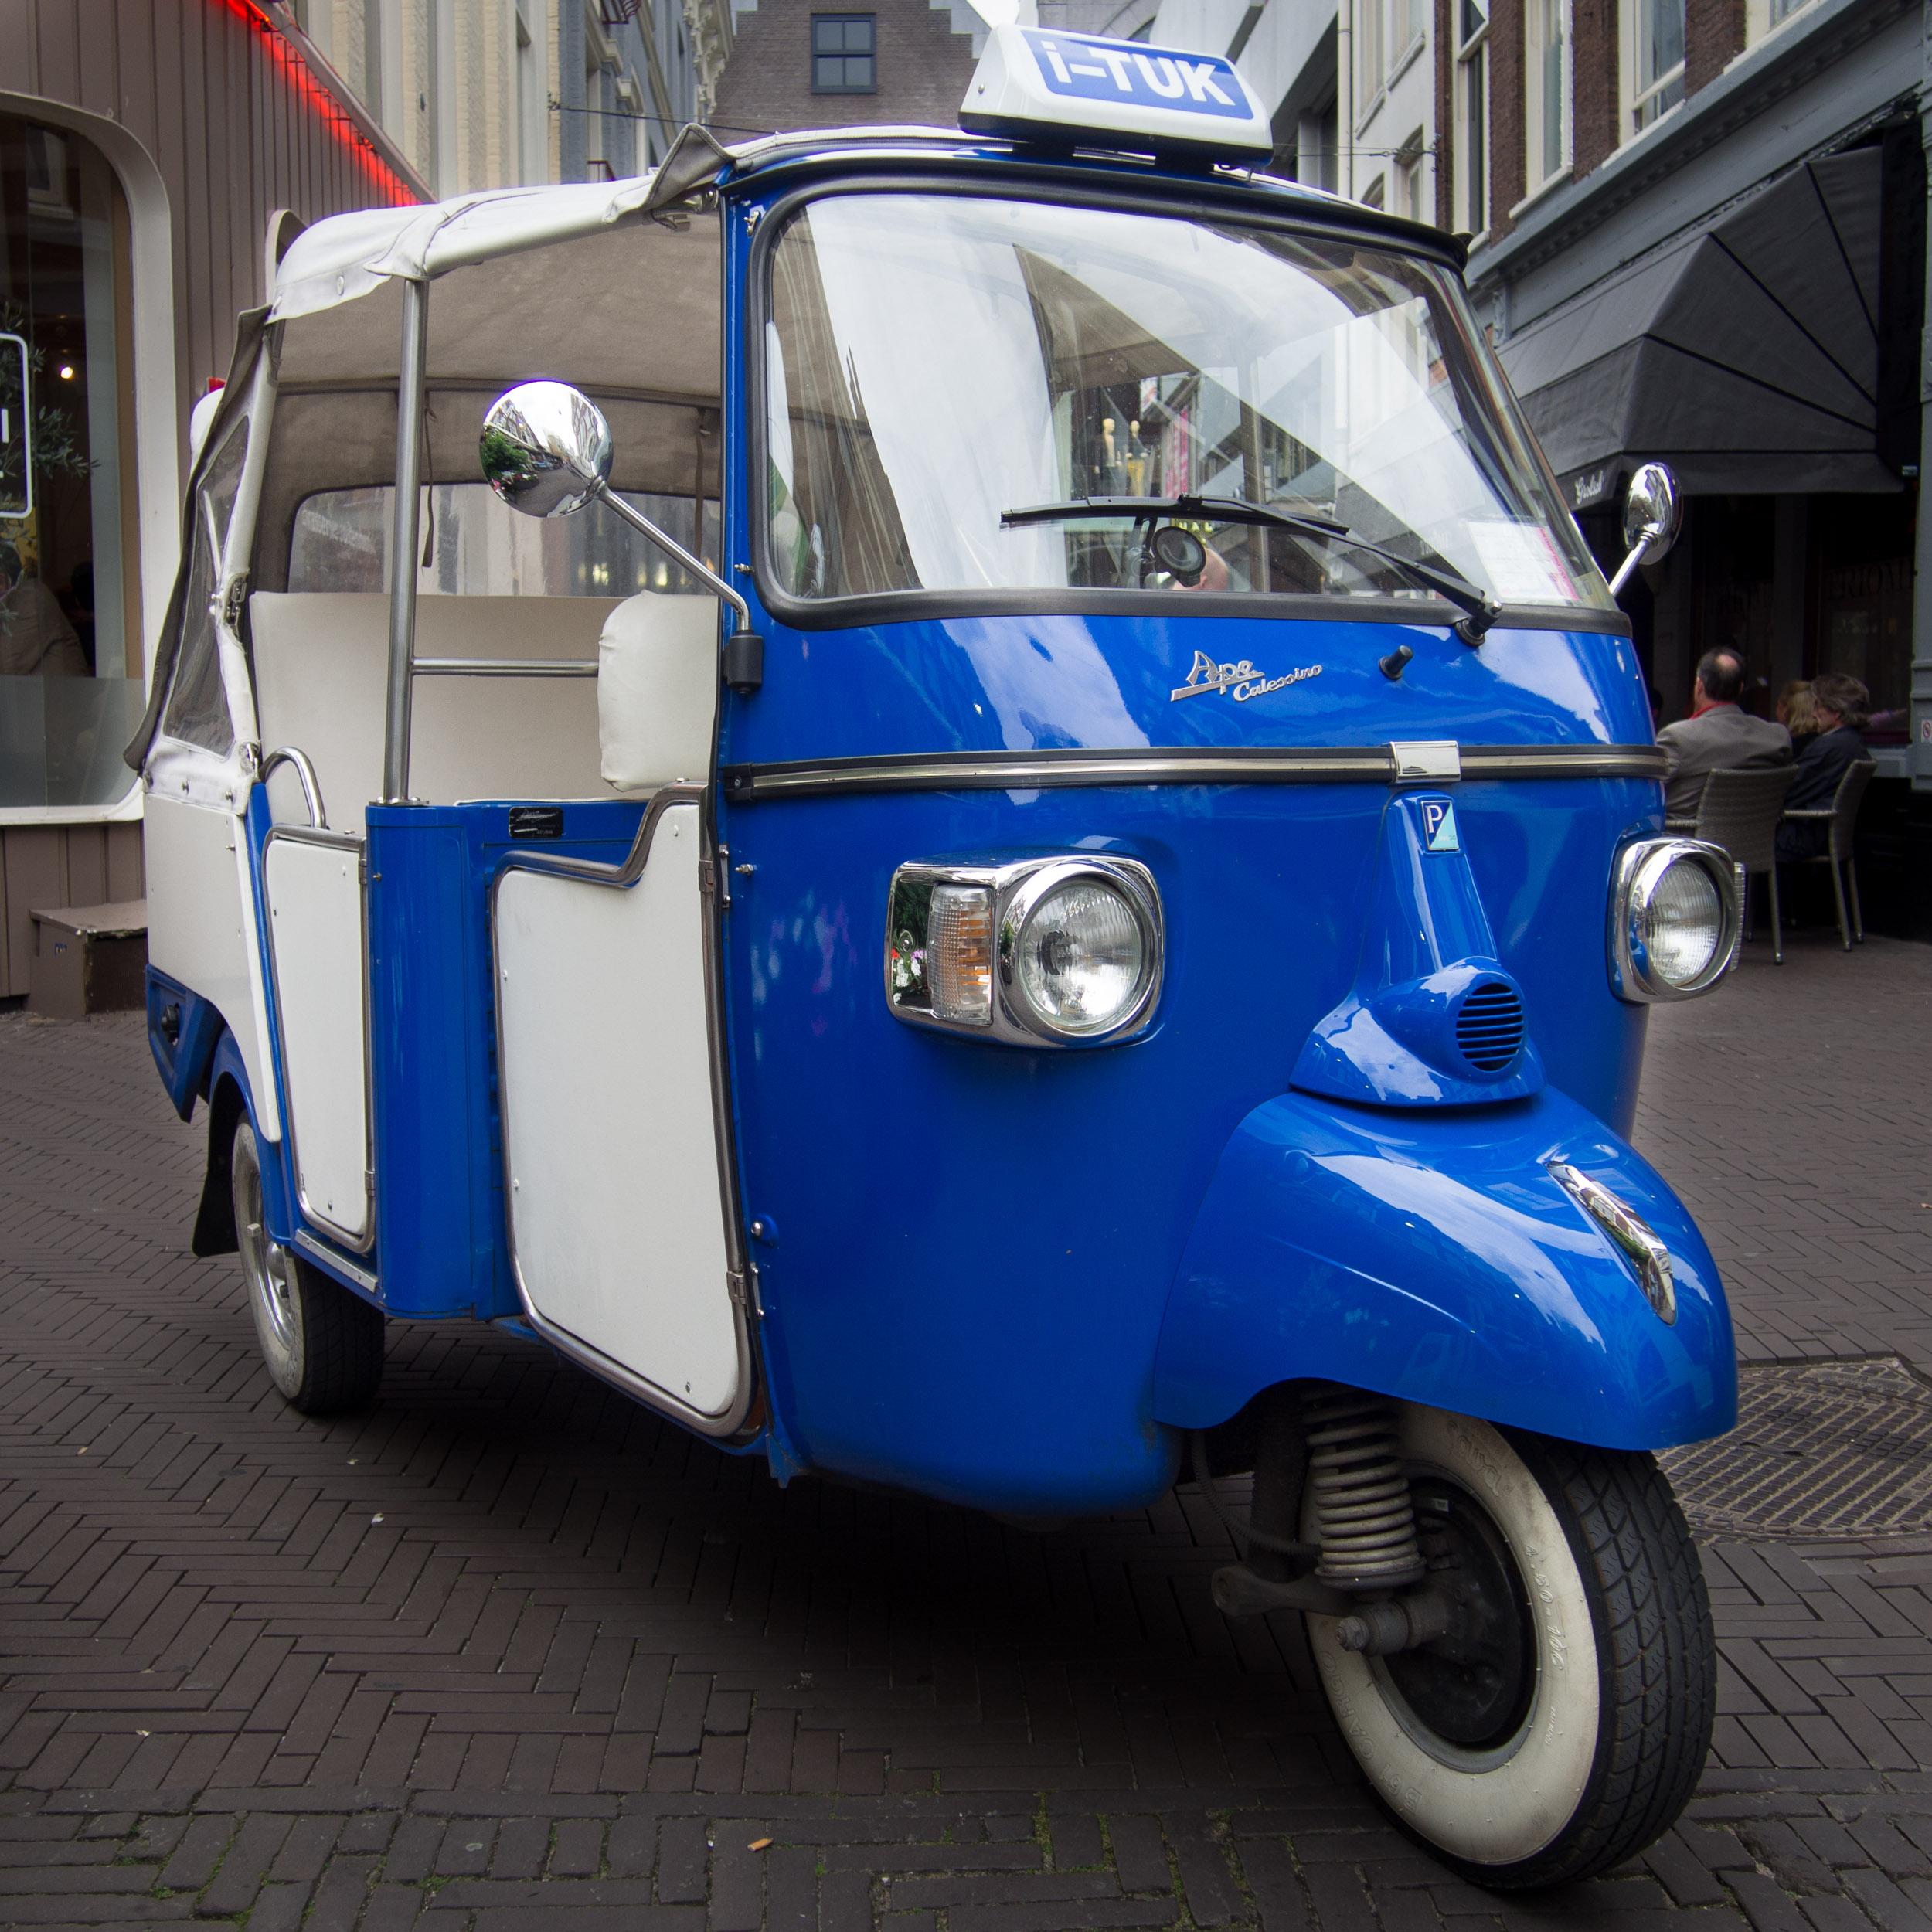 Toektoek_Den_Haag_01.jpg